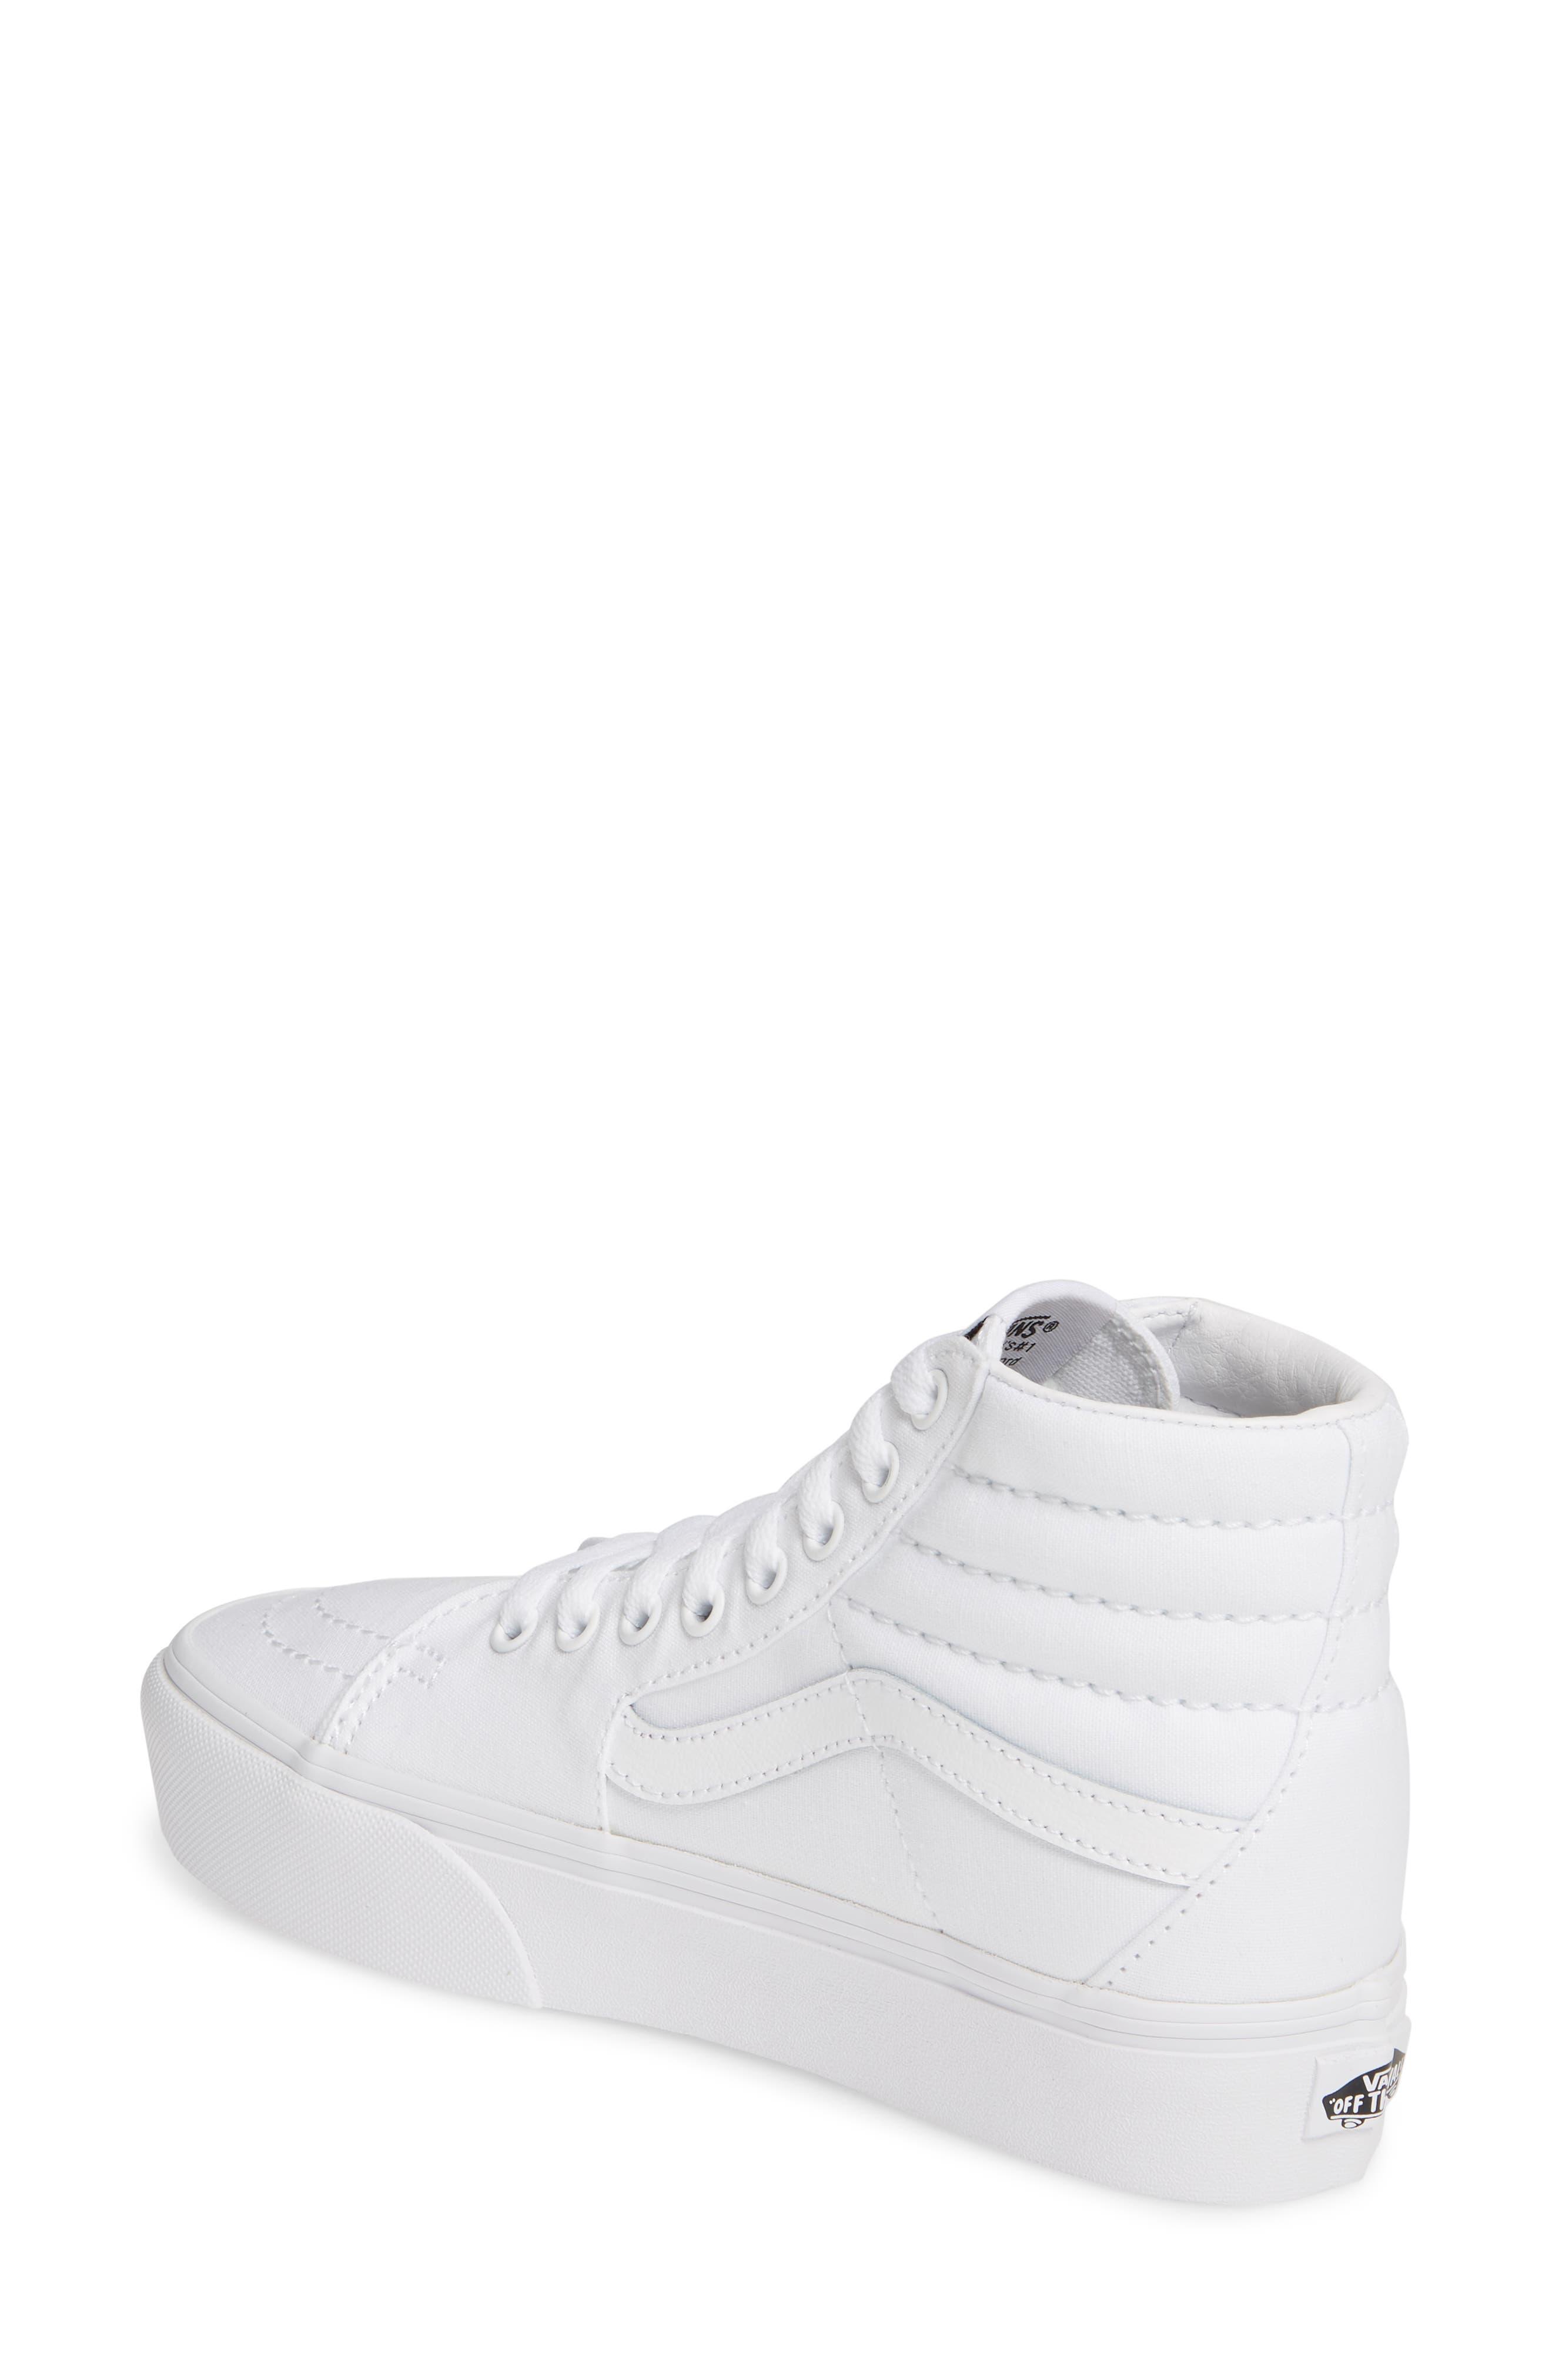 VANS, Sk8-Hi Platform Sneaker, Alternate thumbnail 2, color, TRUE WHITE/ TRUE WHITE